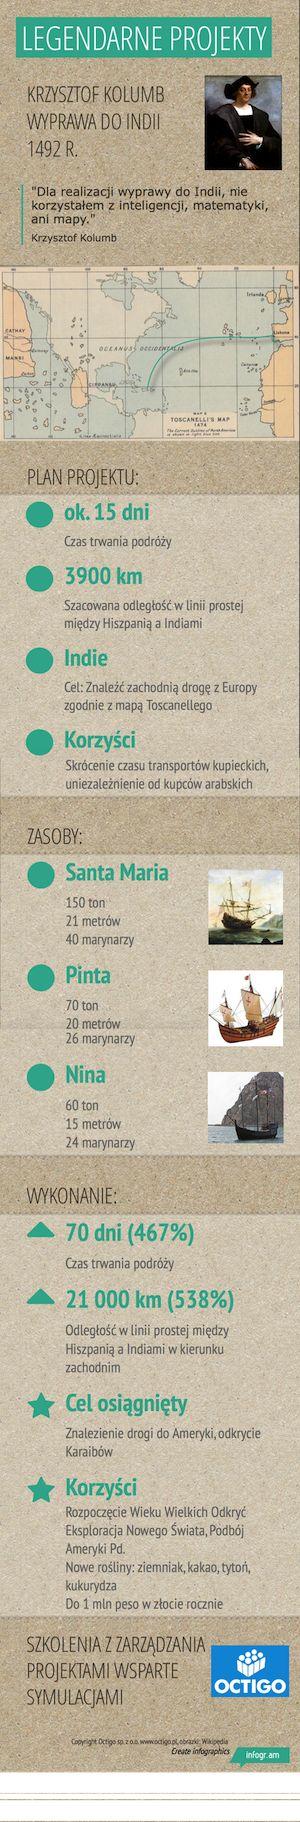 Legendarne projekty Pierwsza wyprawa Kolumba - odkrycie Ameryki